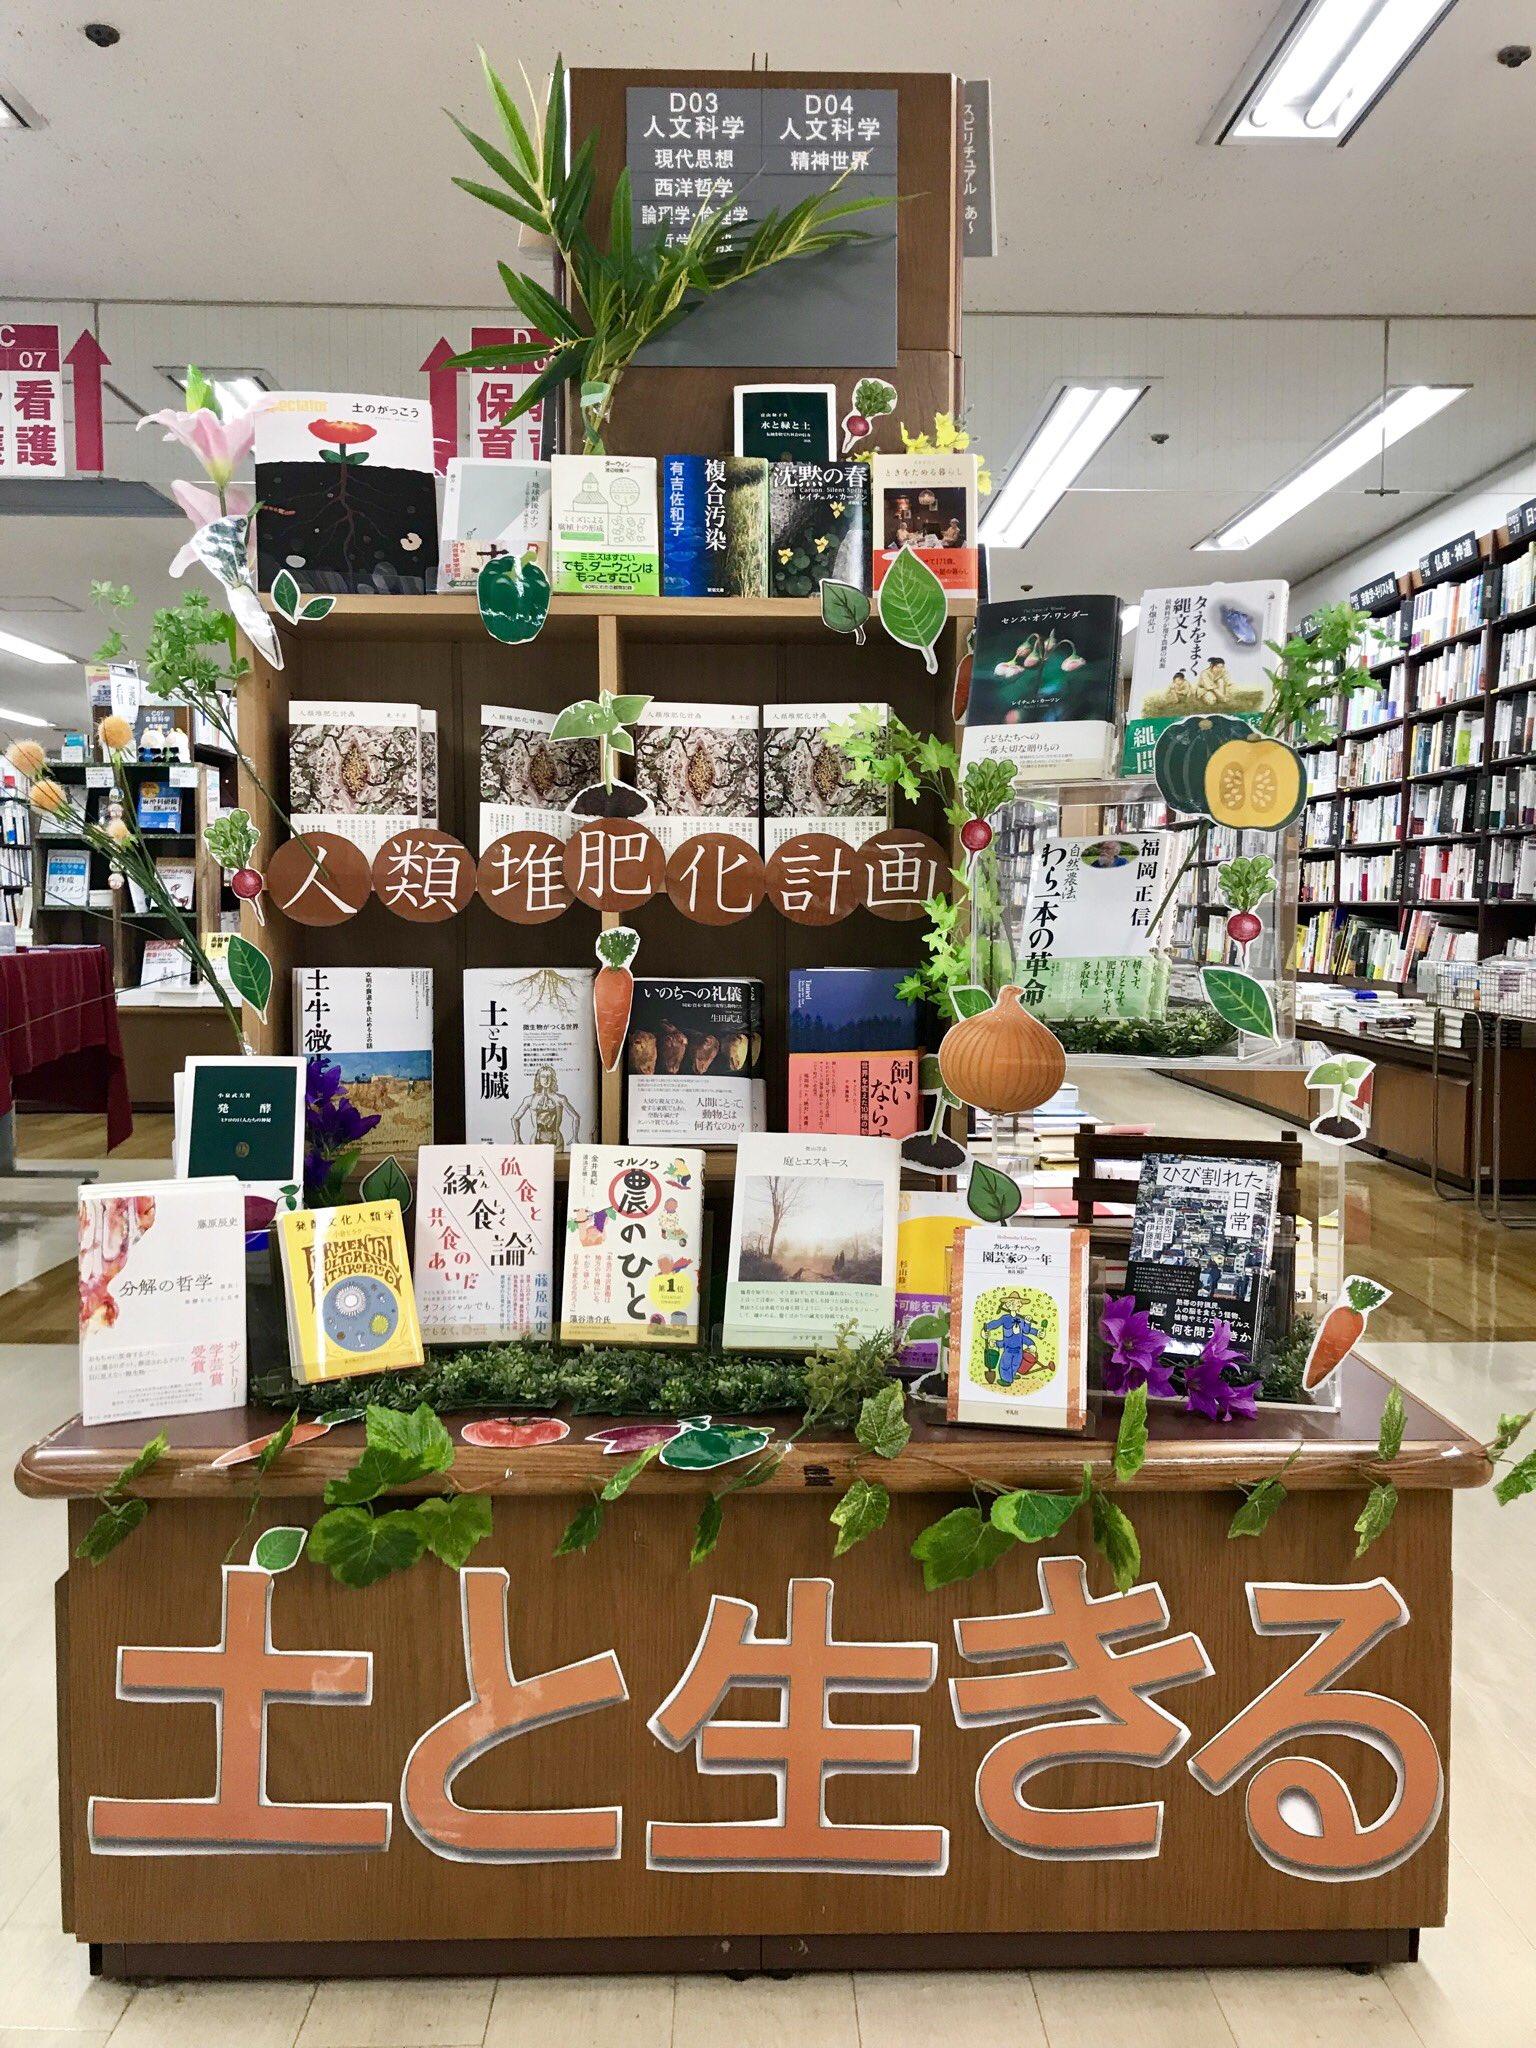 紀伊國屋書店:「土と生きる」フェア